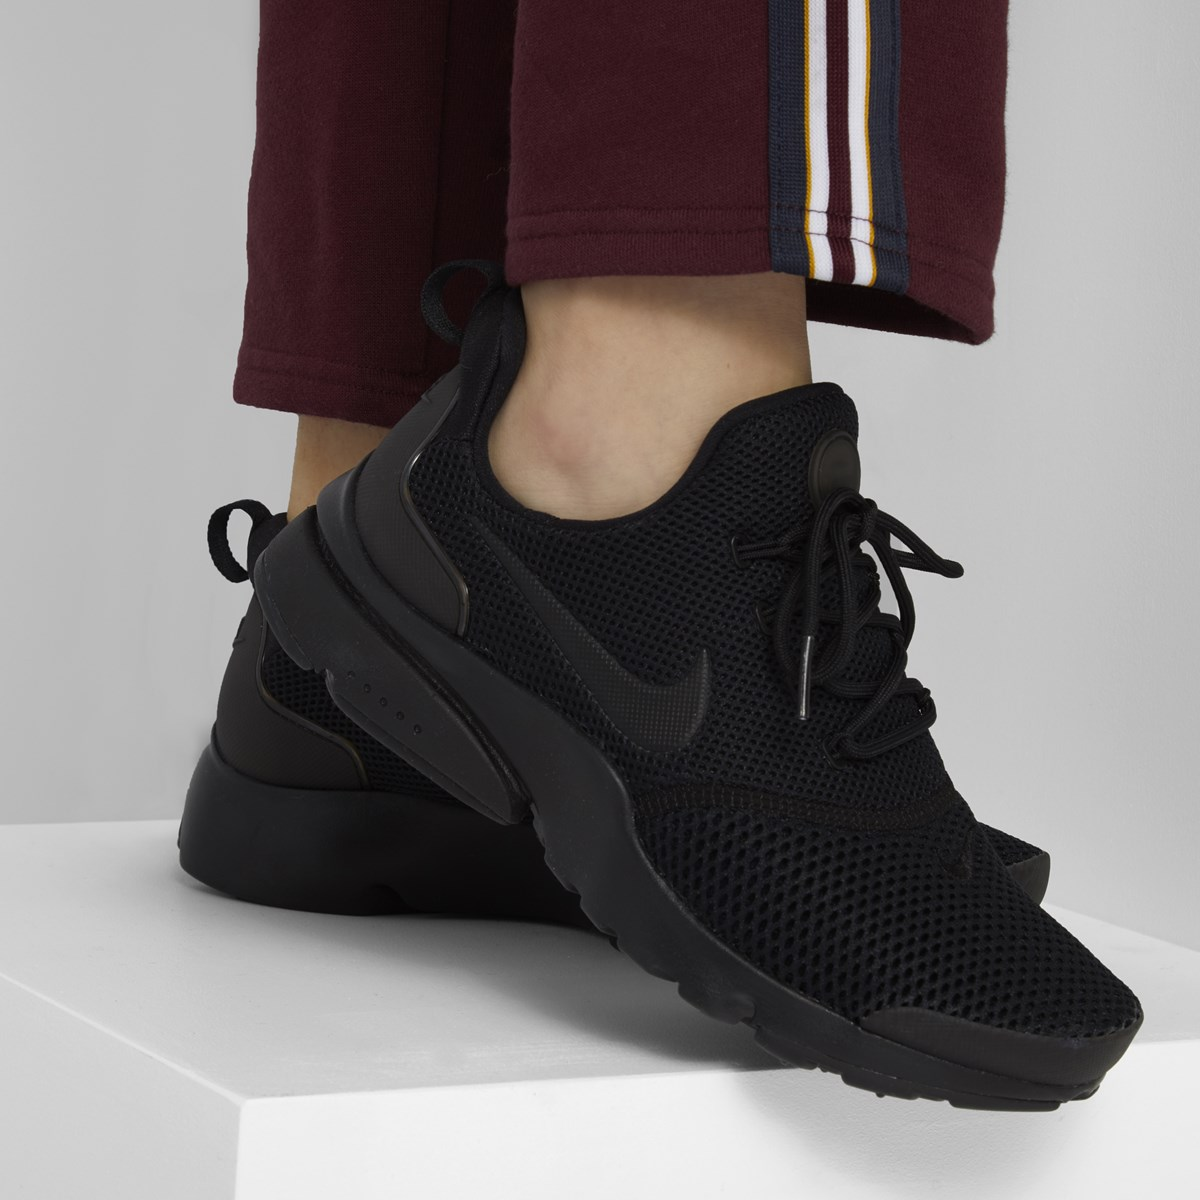 finest selection e98fe fcec1 Women's Presto Fly Sneaker in Black